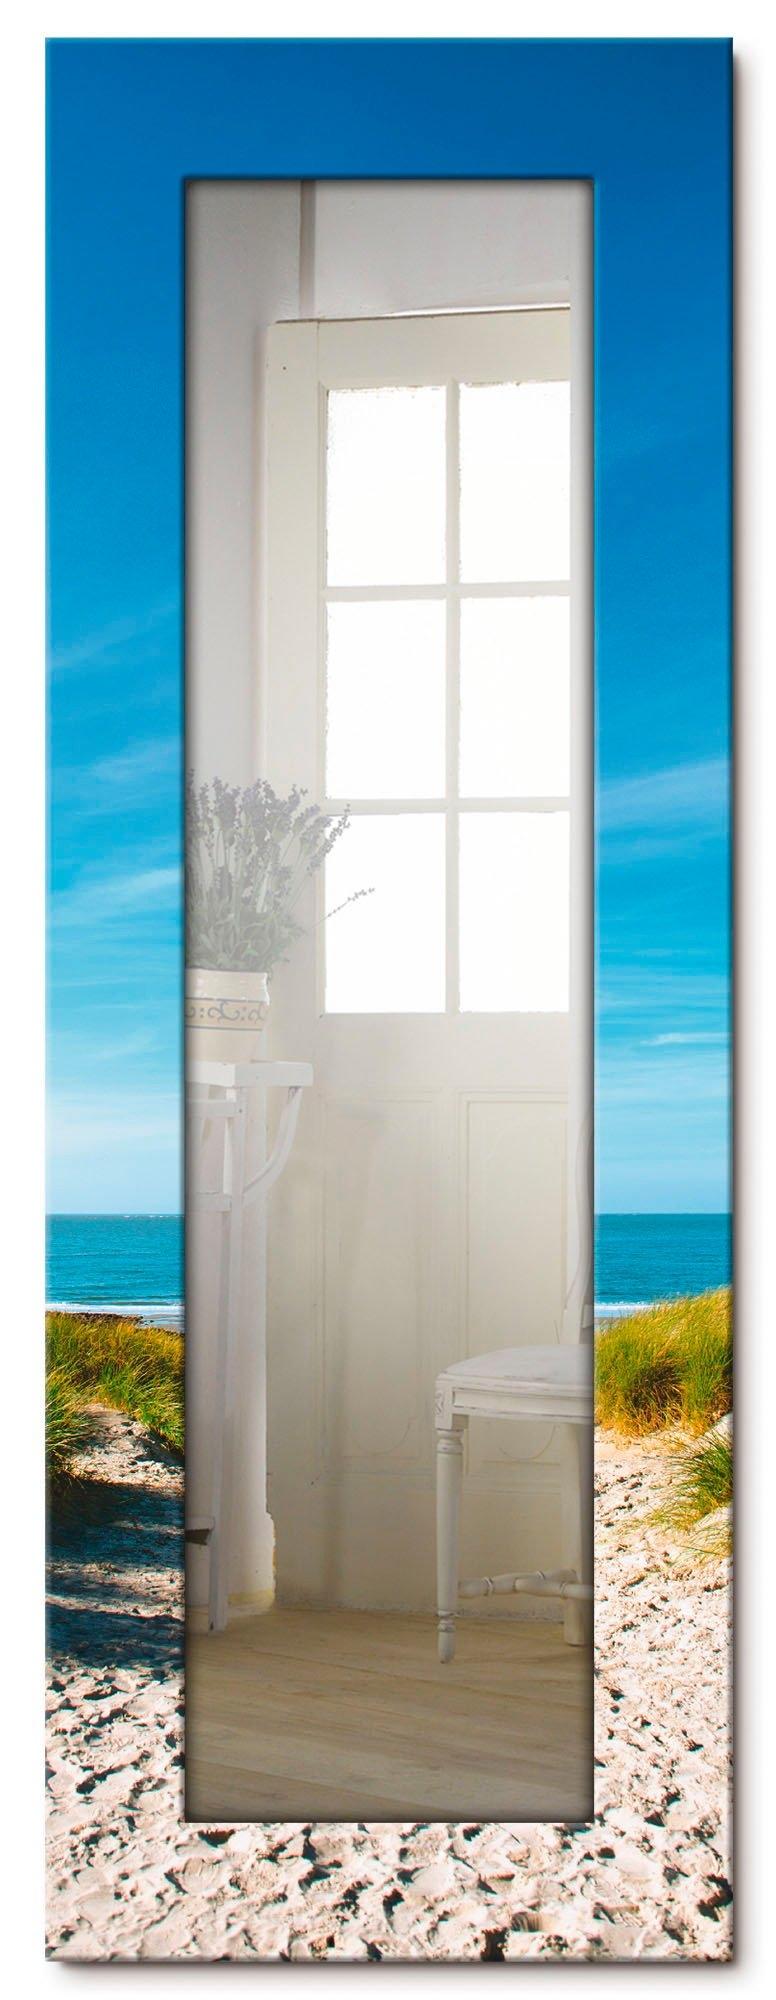 Artland wandspiegel Strand met duinen en weg naar het water ingelijste spiegel voor het hele lichaam met motiefrand, geschikt voor kleine, smalle hal, halspiegel, mirror spiegel omrand om op te hangen - verschillende betaalmethodes